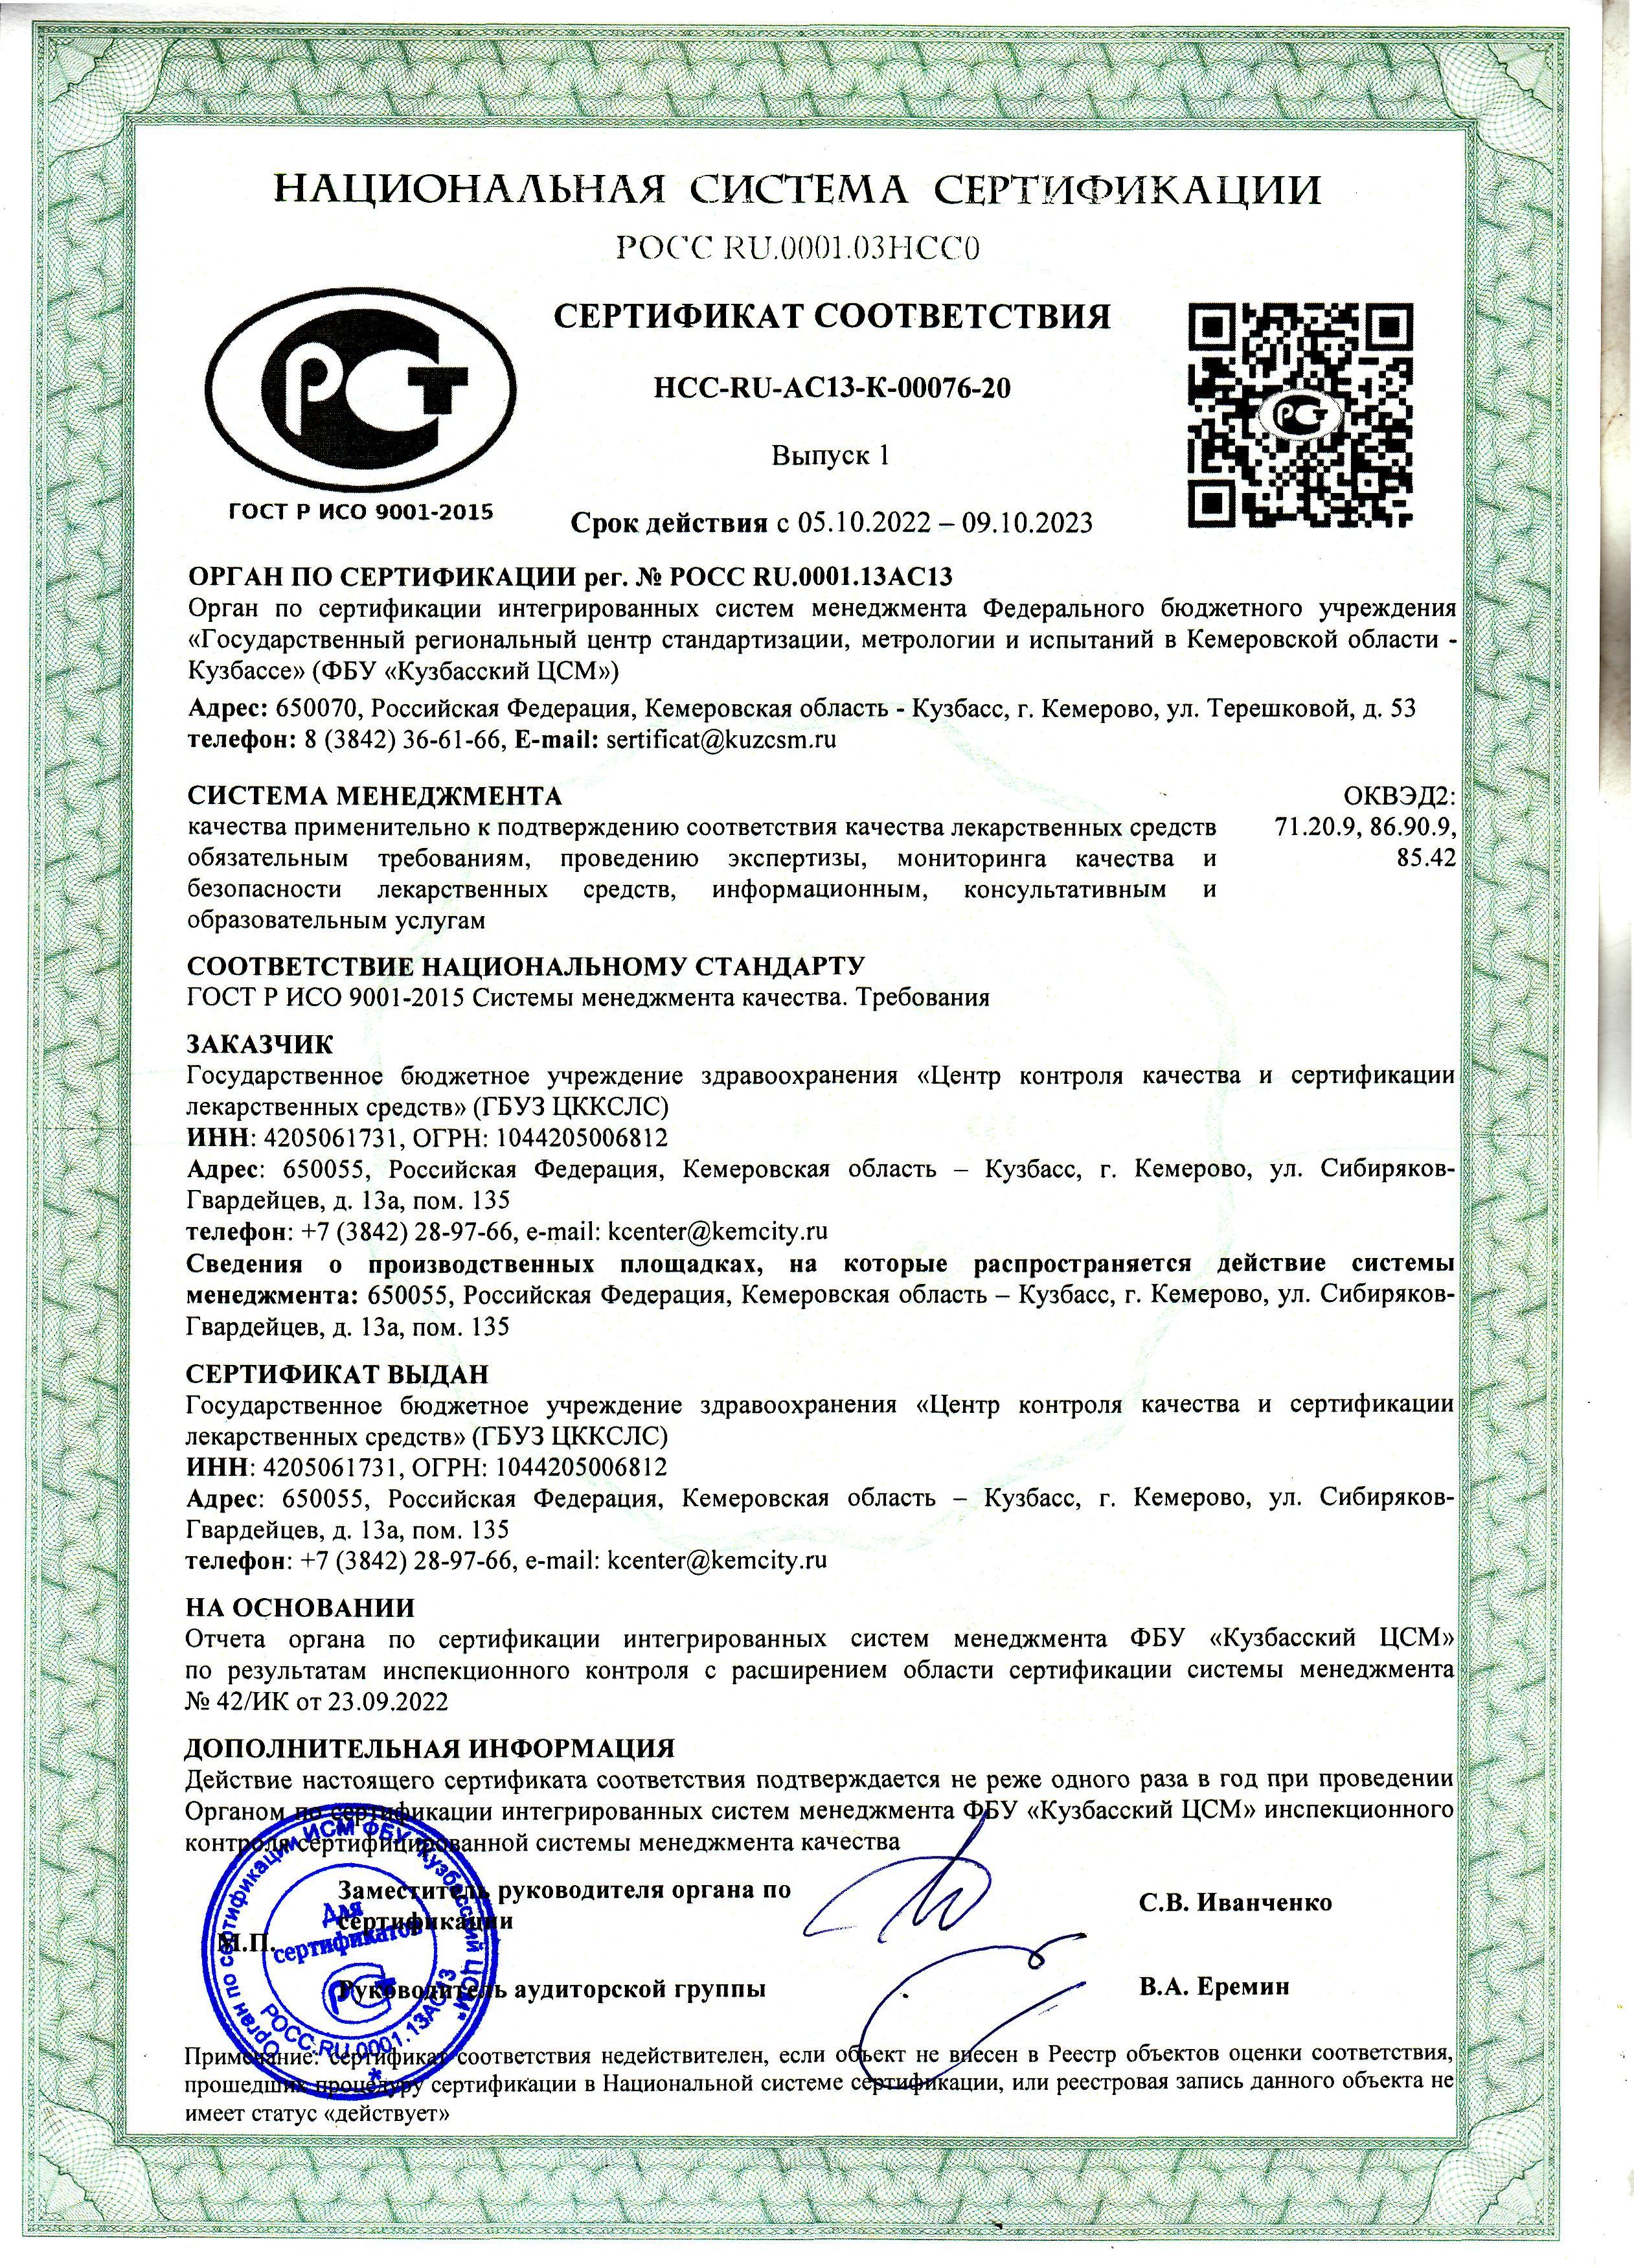 Сертификация менеджмента качества в аптеке сертификация как метод управления качеством